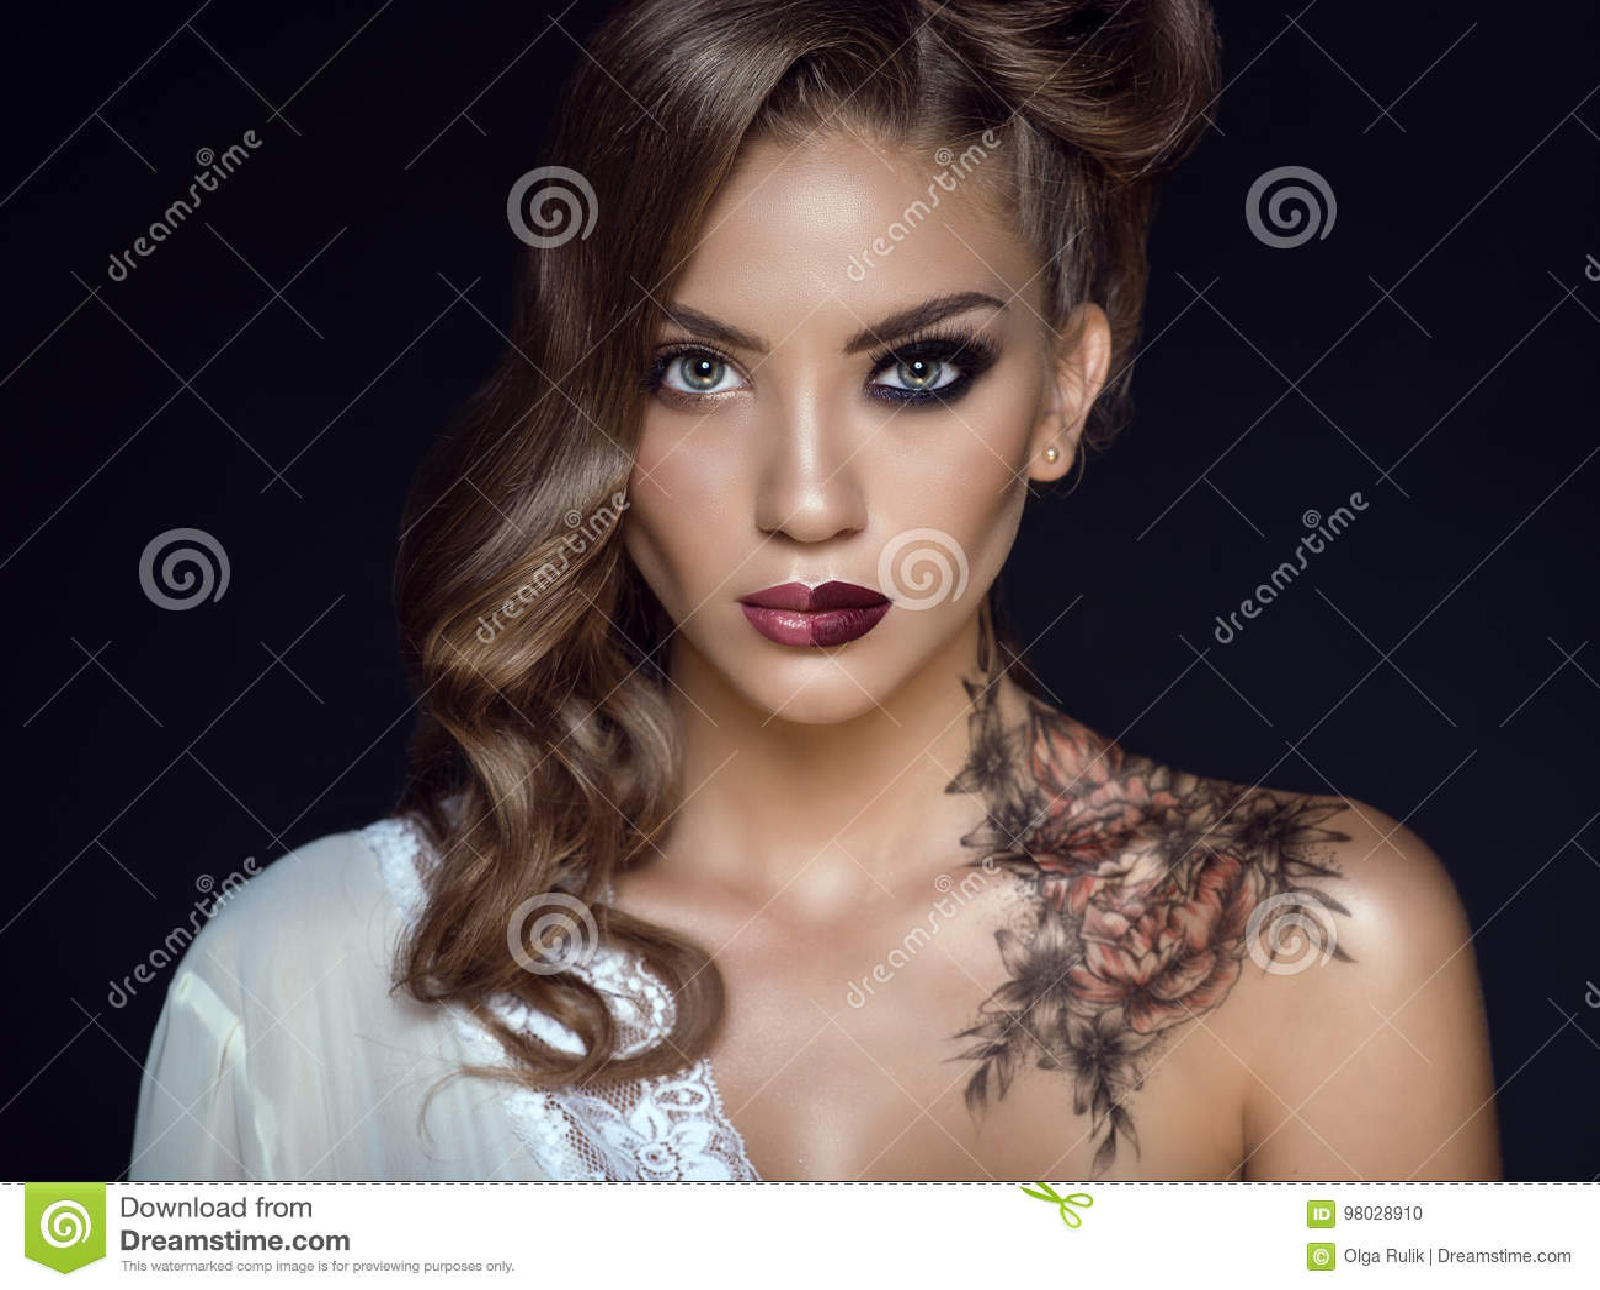 Wonderlijk Sluit Omhoog Portret Van Mooi Model Met Artistiek Maken Omhoog En ZZ-13